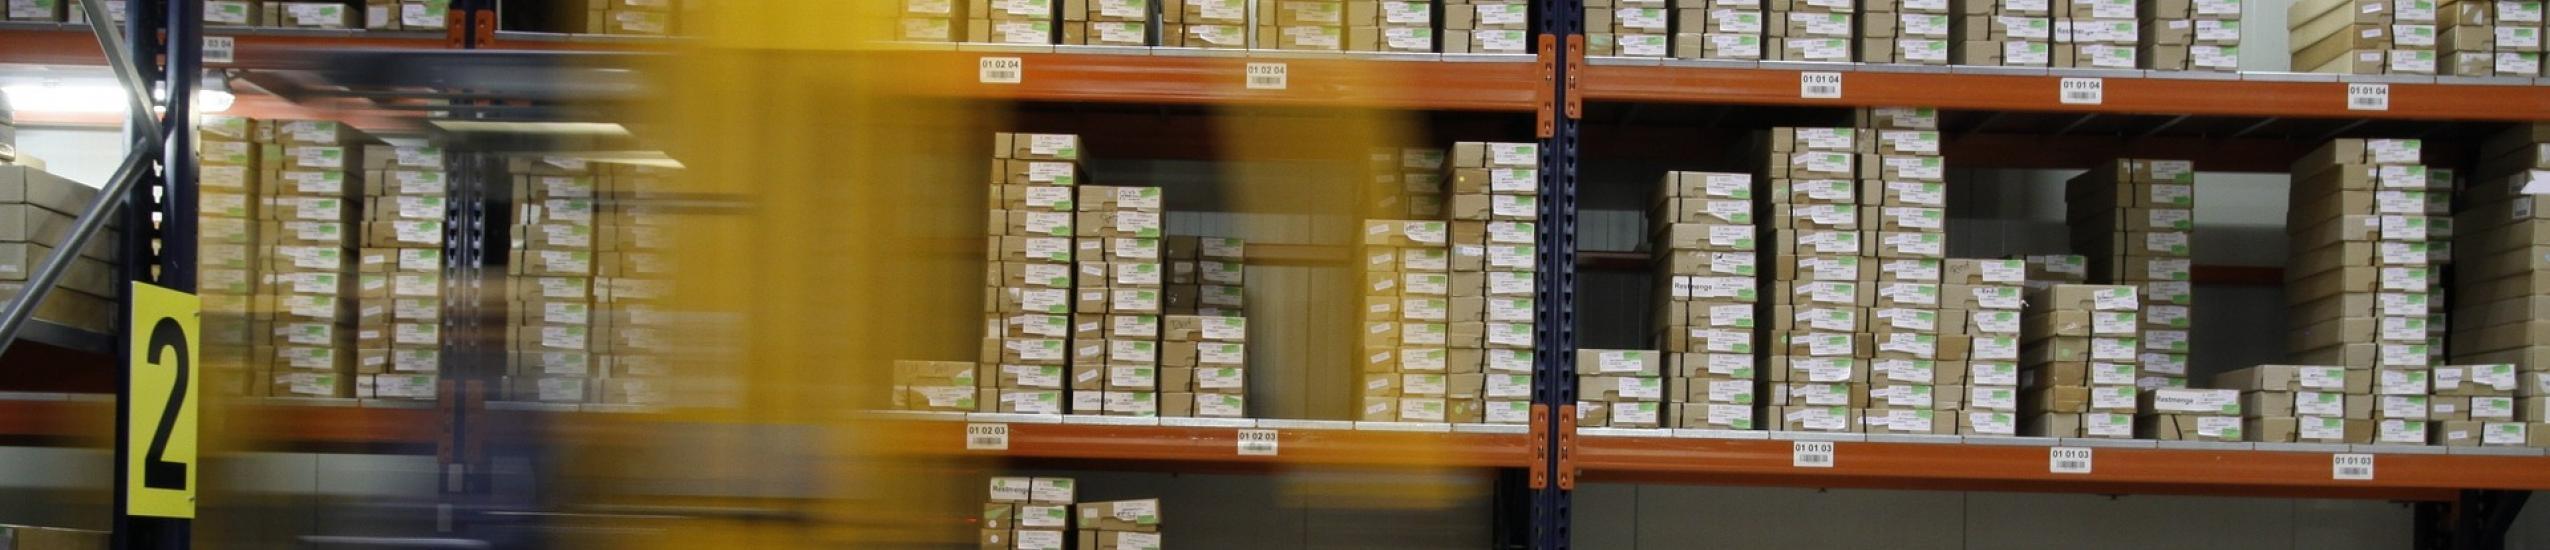 Foto di un muletto al lavoro in un magazzino